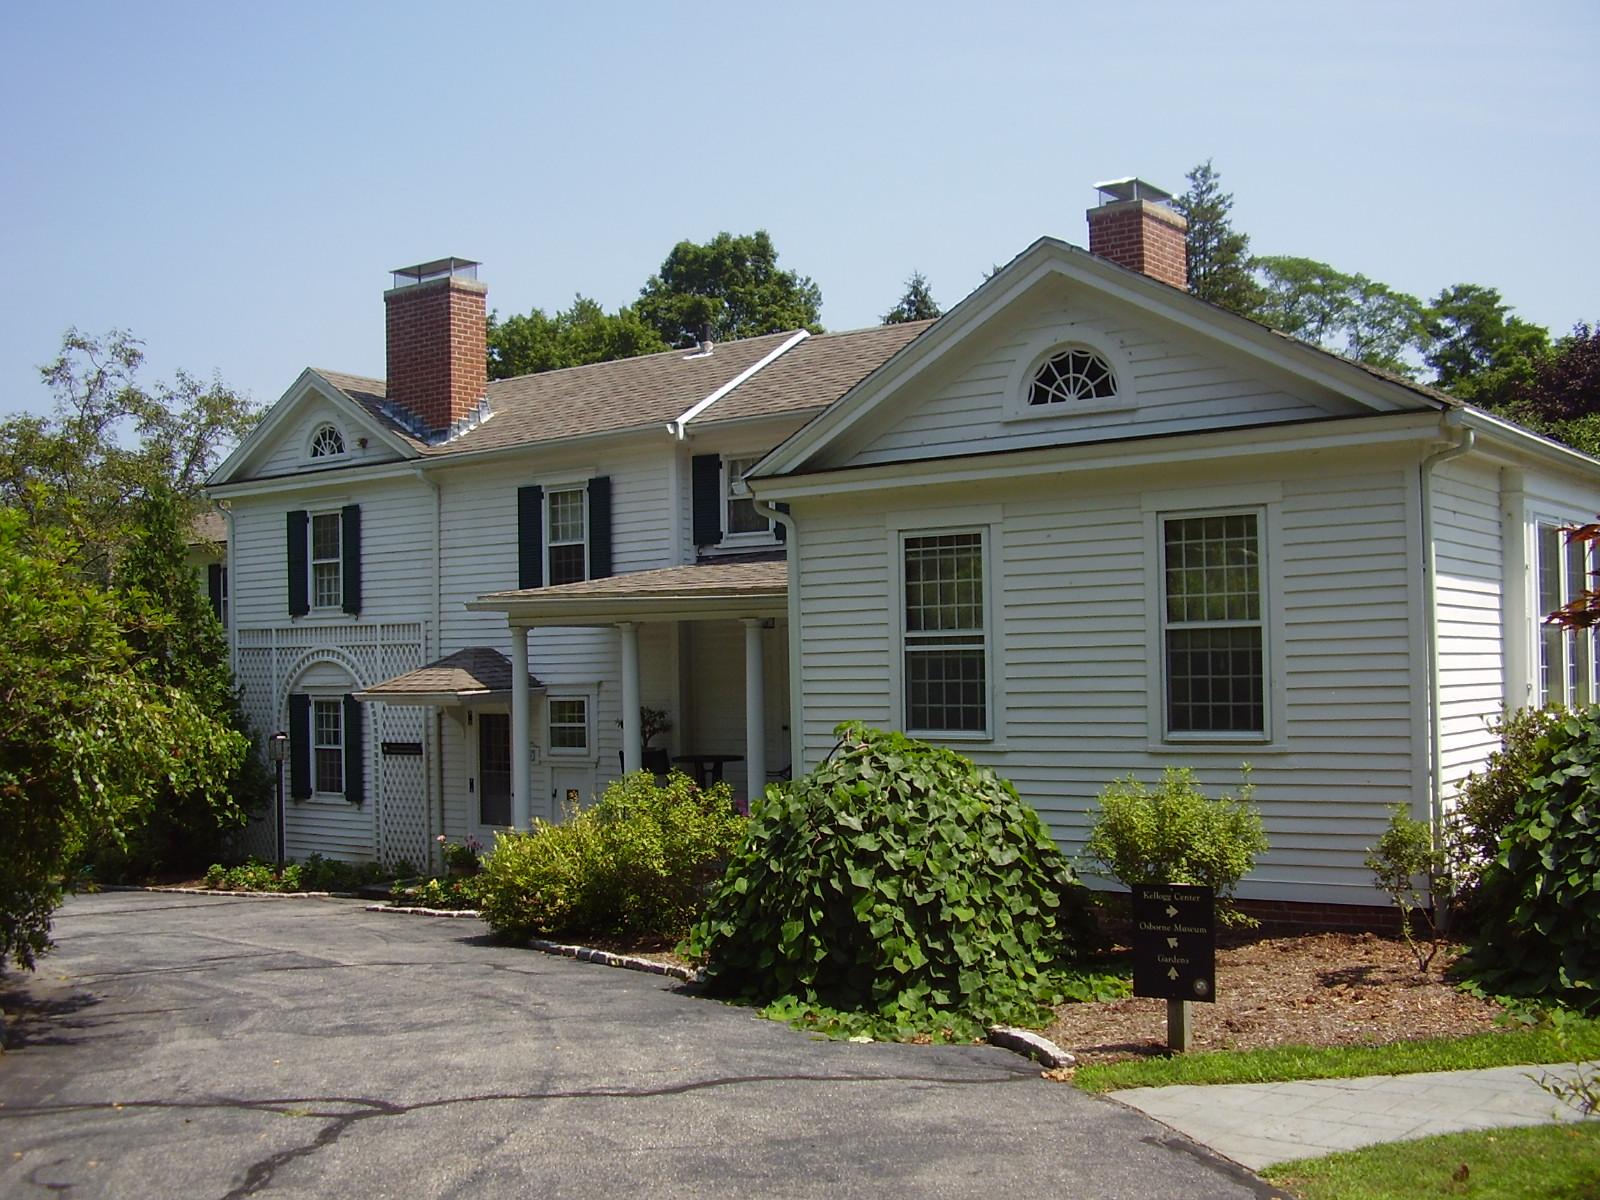 FileDerby Osbornedale housejpg Wikimedia Commons